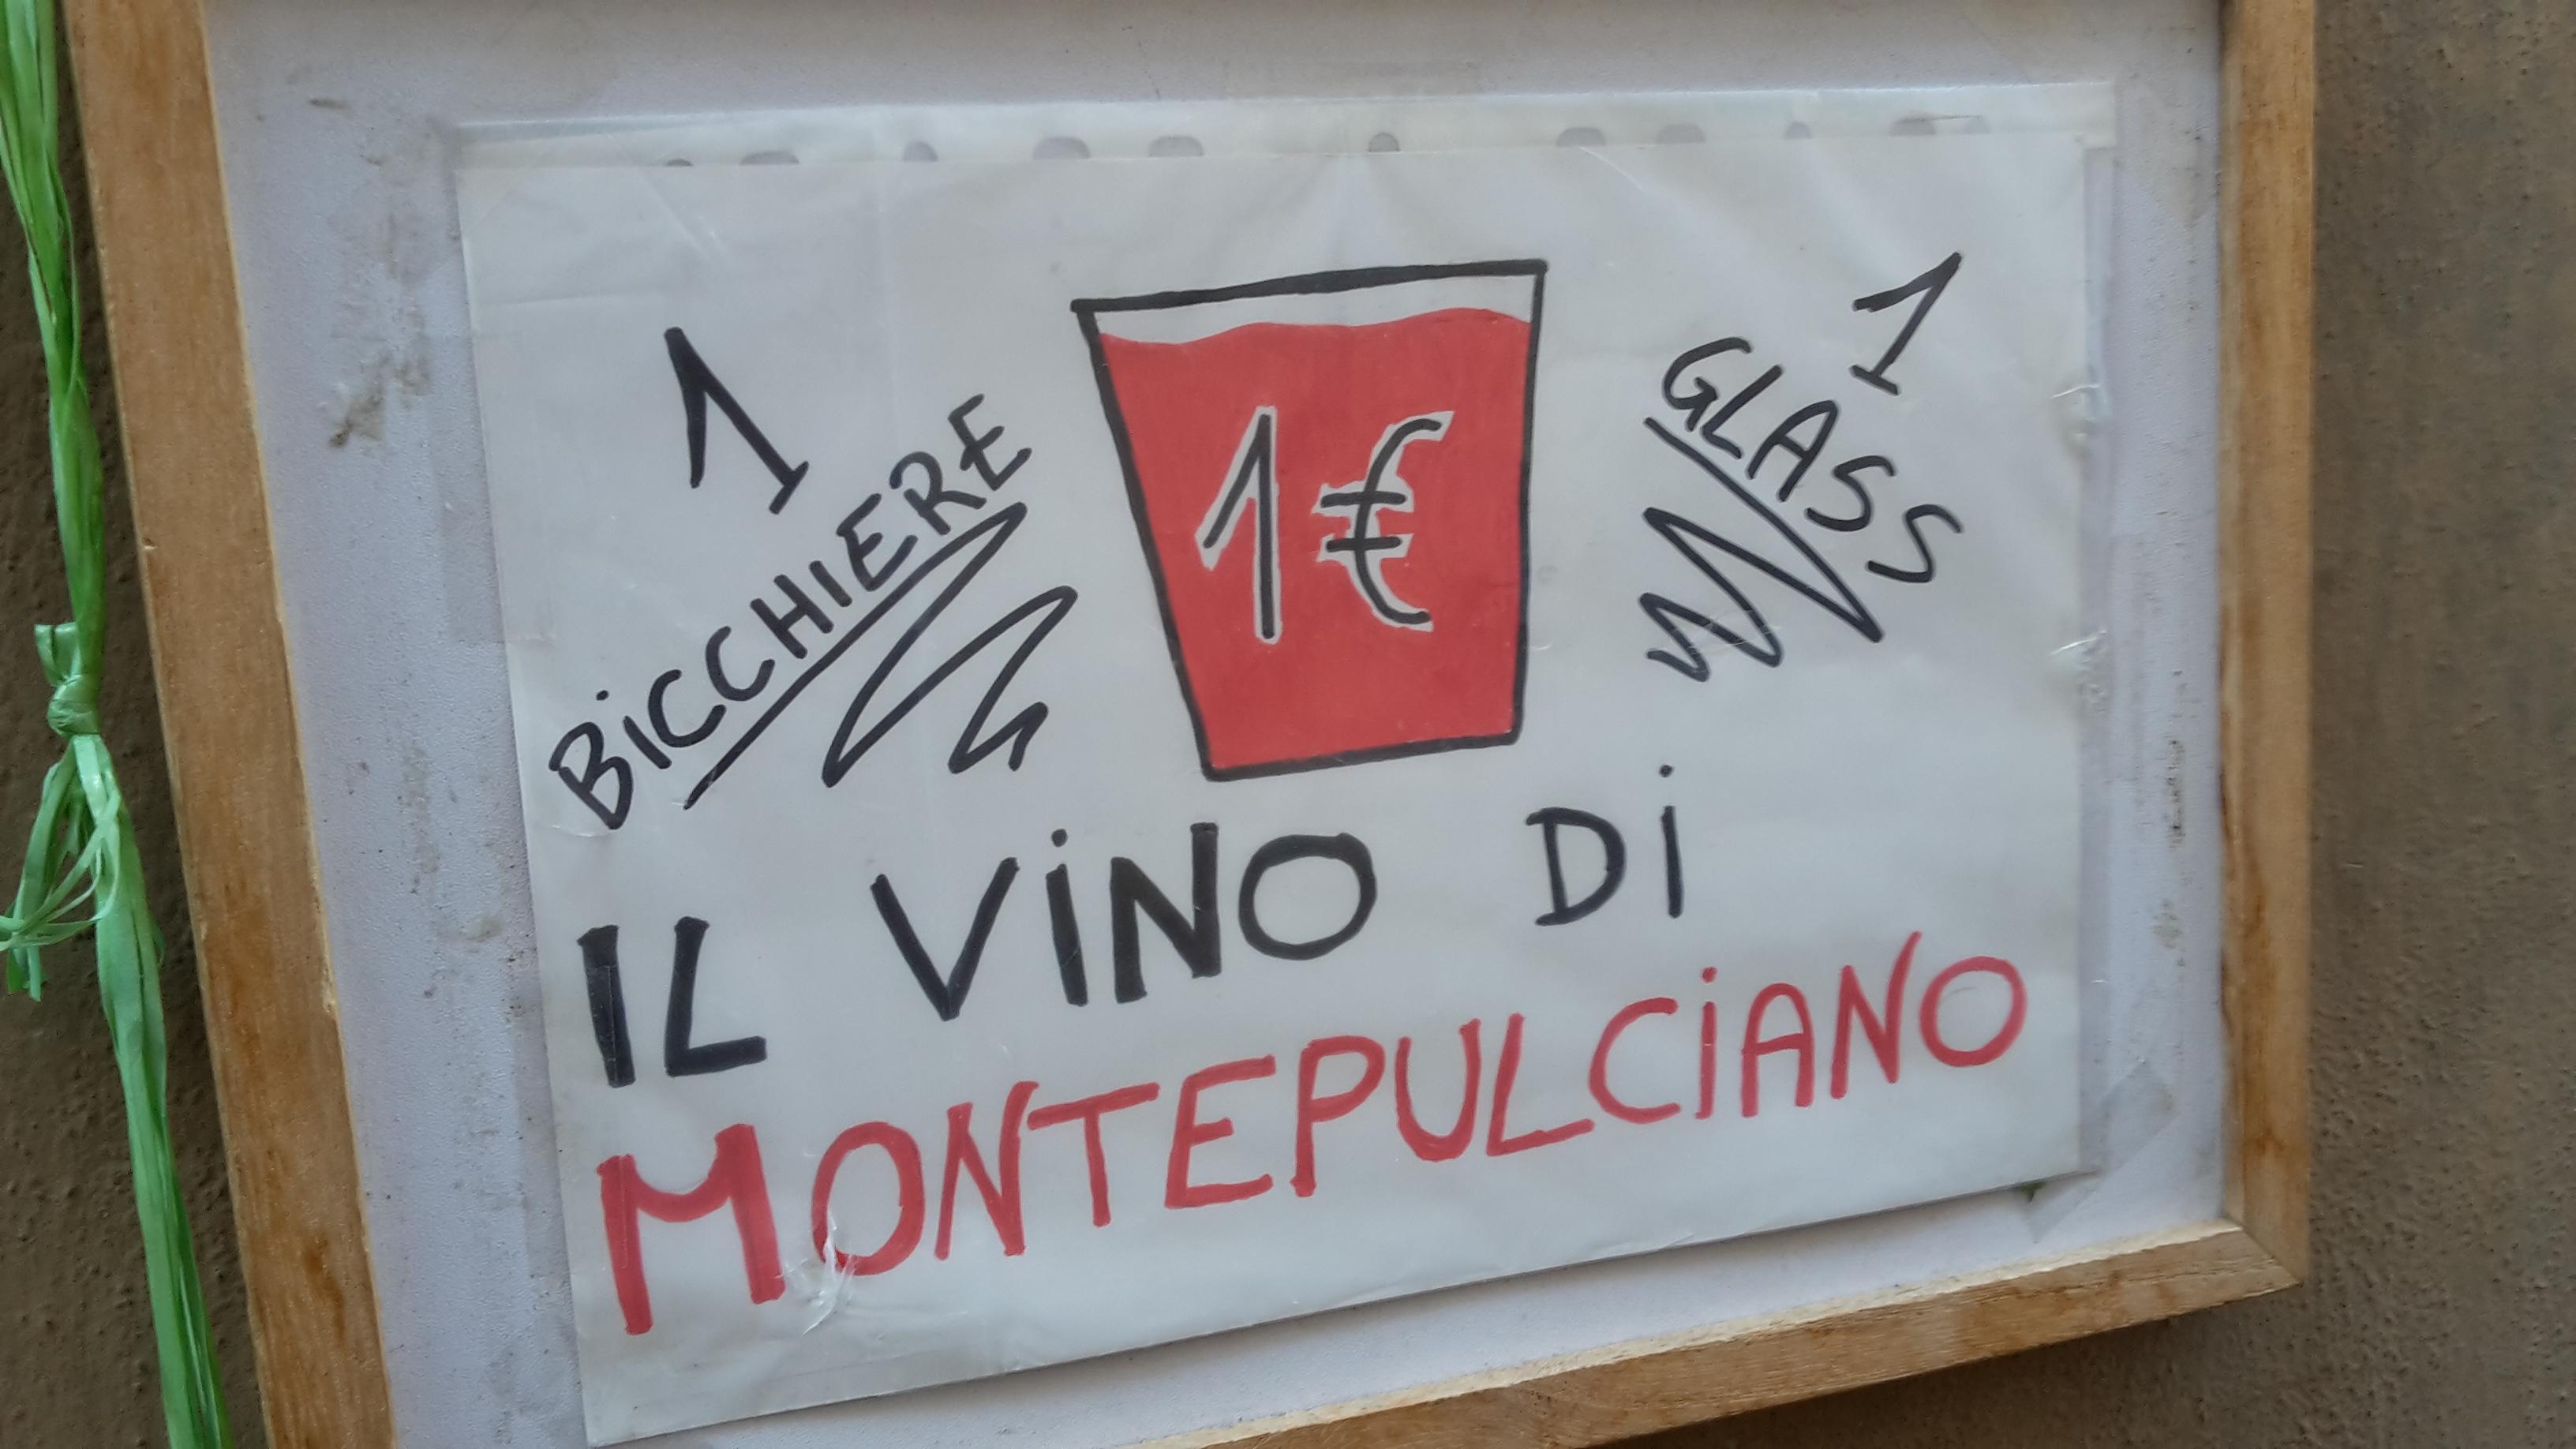 Promo Il vino di Montepulciano